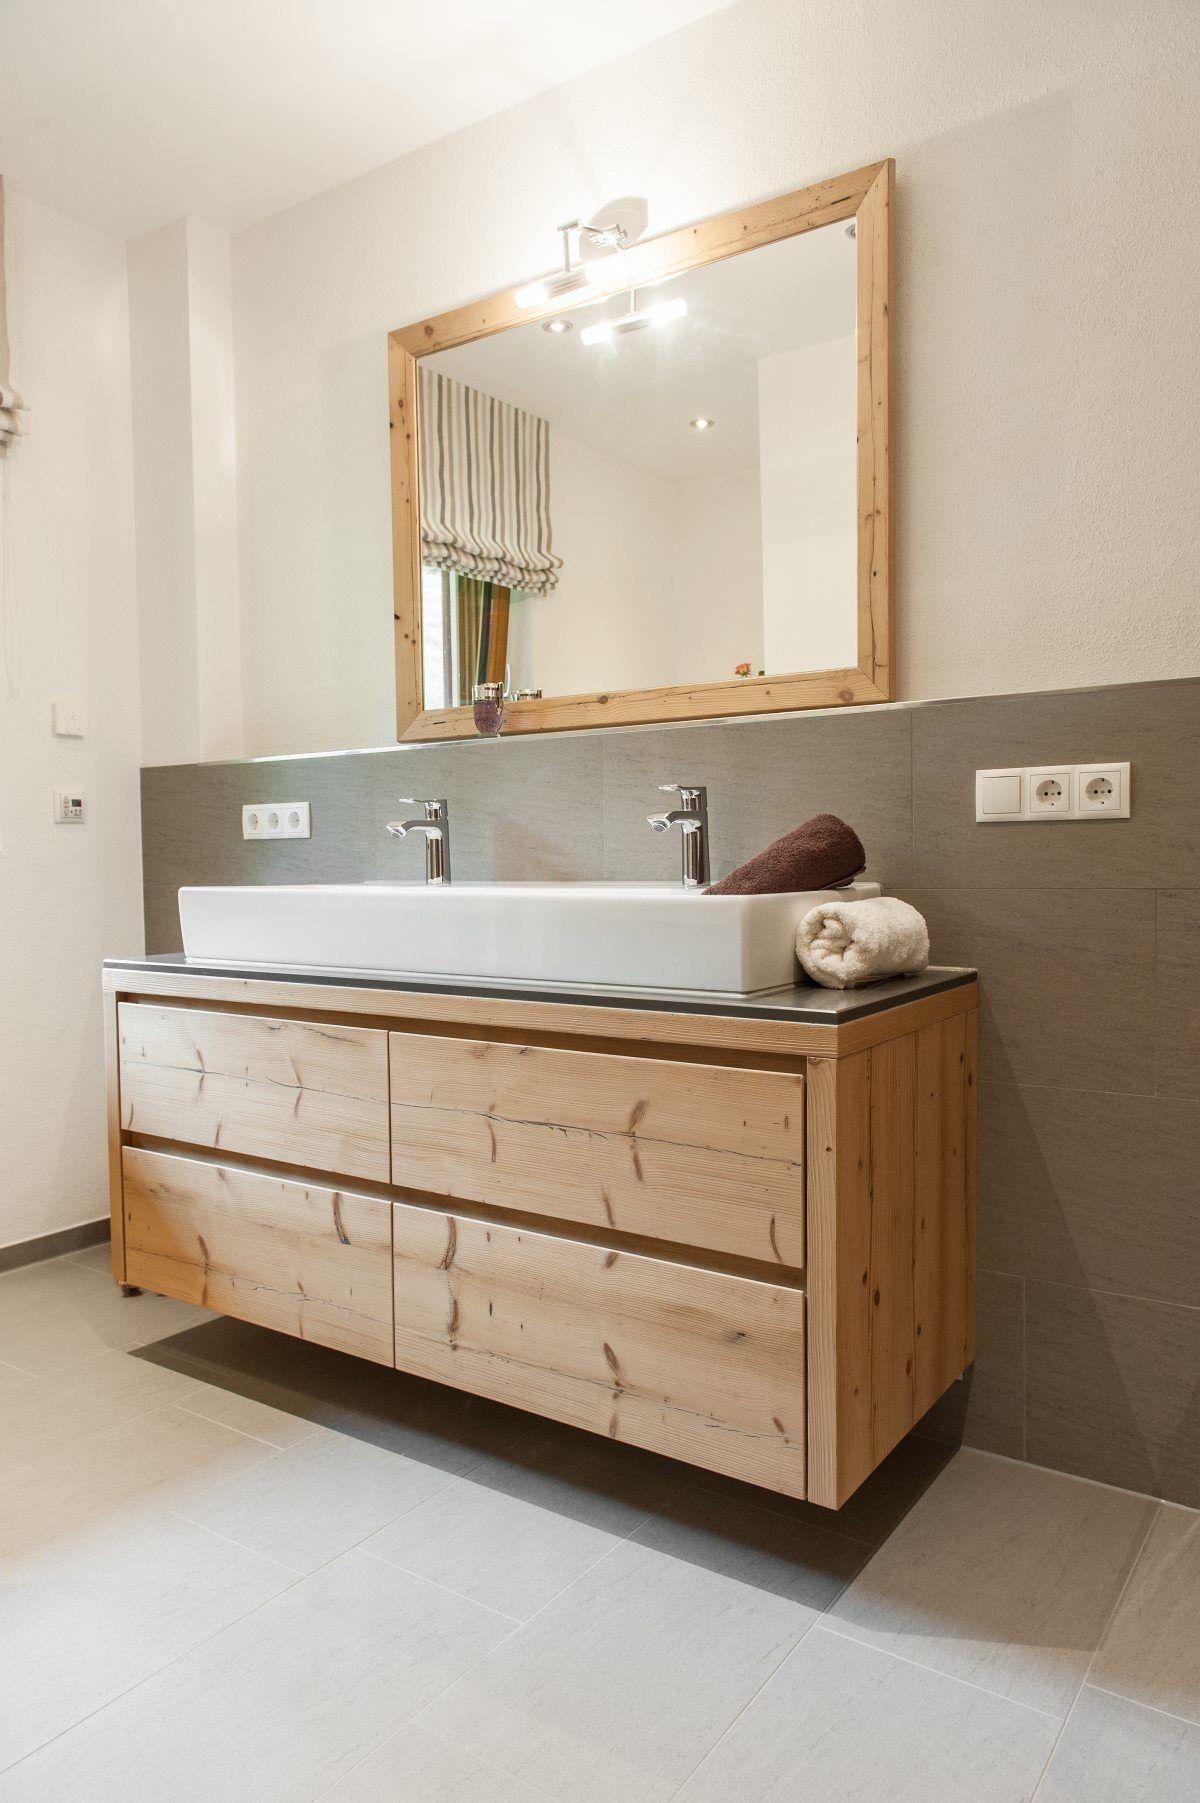 9 Badmobel In Fichte Altholz Badezimmer Eintagamsee Bad Gunstig Renovieren Badezimmer Gunstig Badezimmer